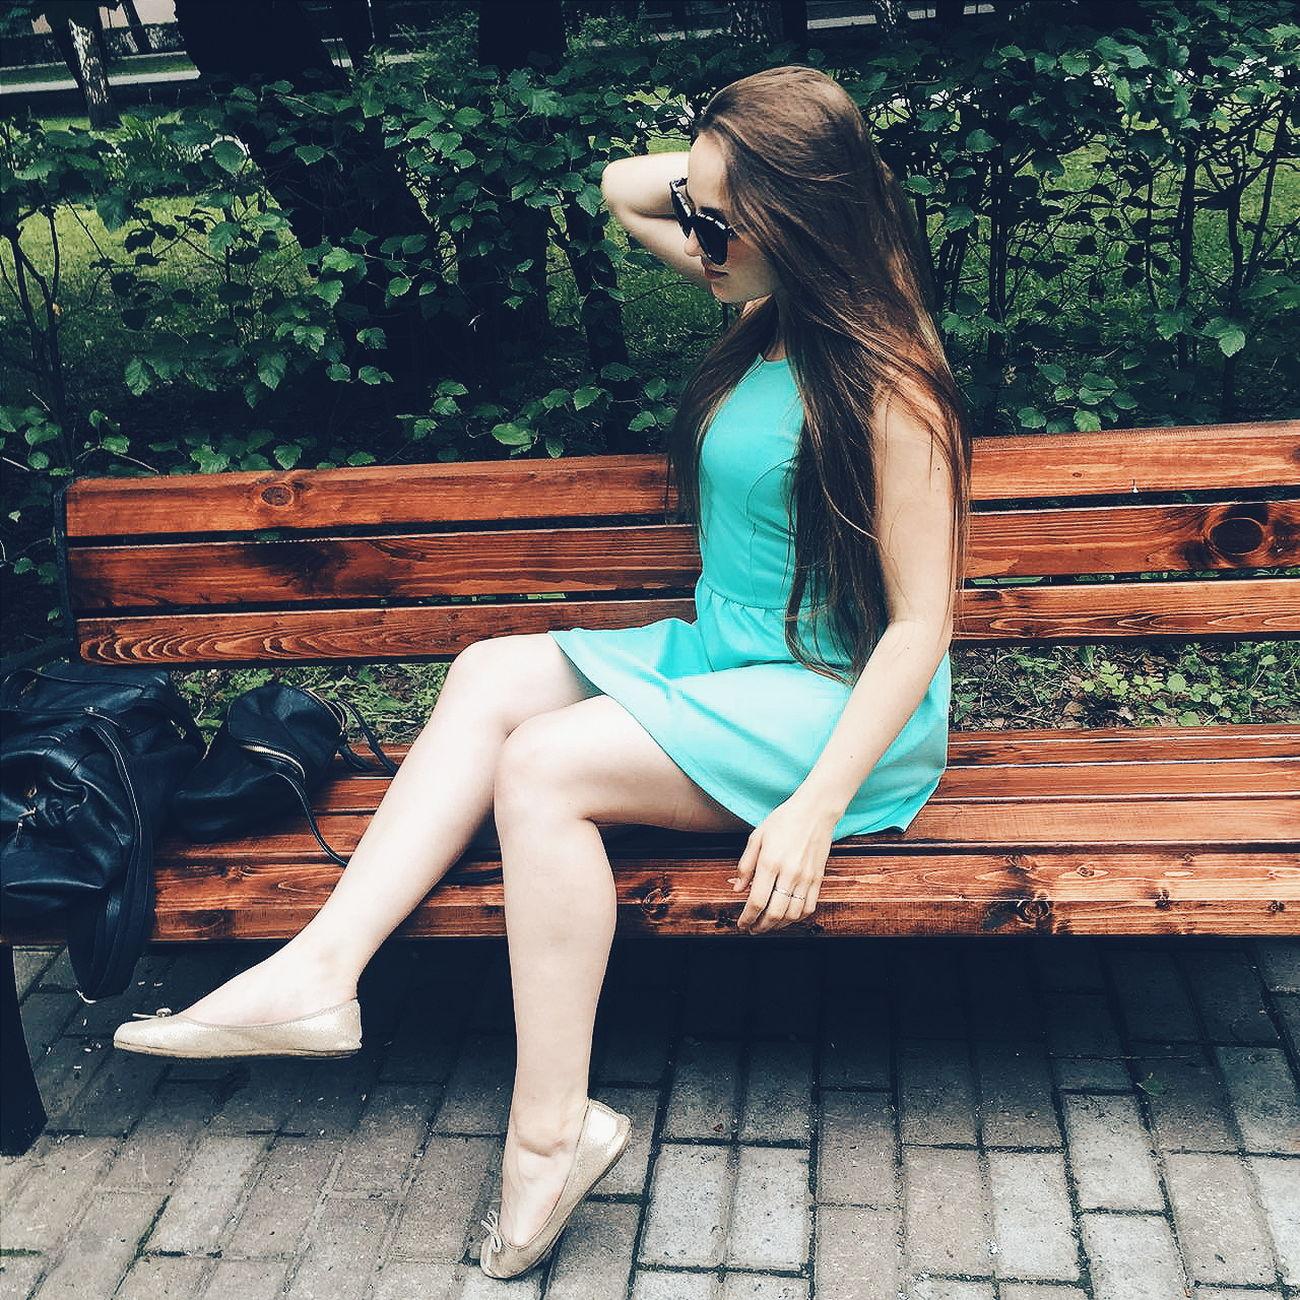 Настроения всем хорошего и ярких фото😀😊 девочкитакиедевочки Популярное Anastasia❤️ вдушеявотпуске явсесмогу OpenEdit First Eyeem Photo Relaxing сессиястрессия